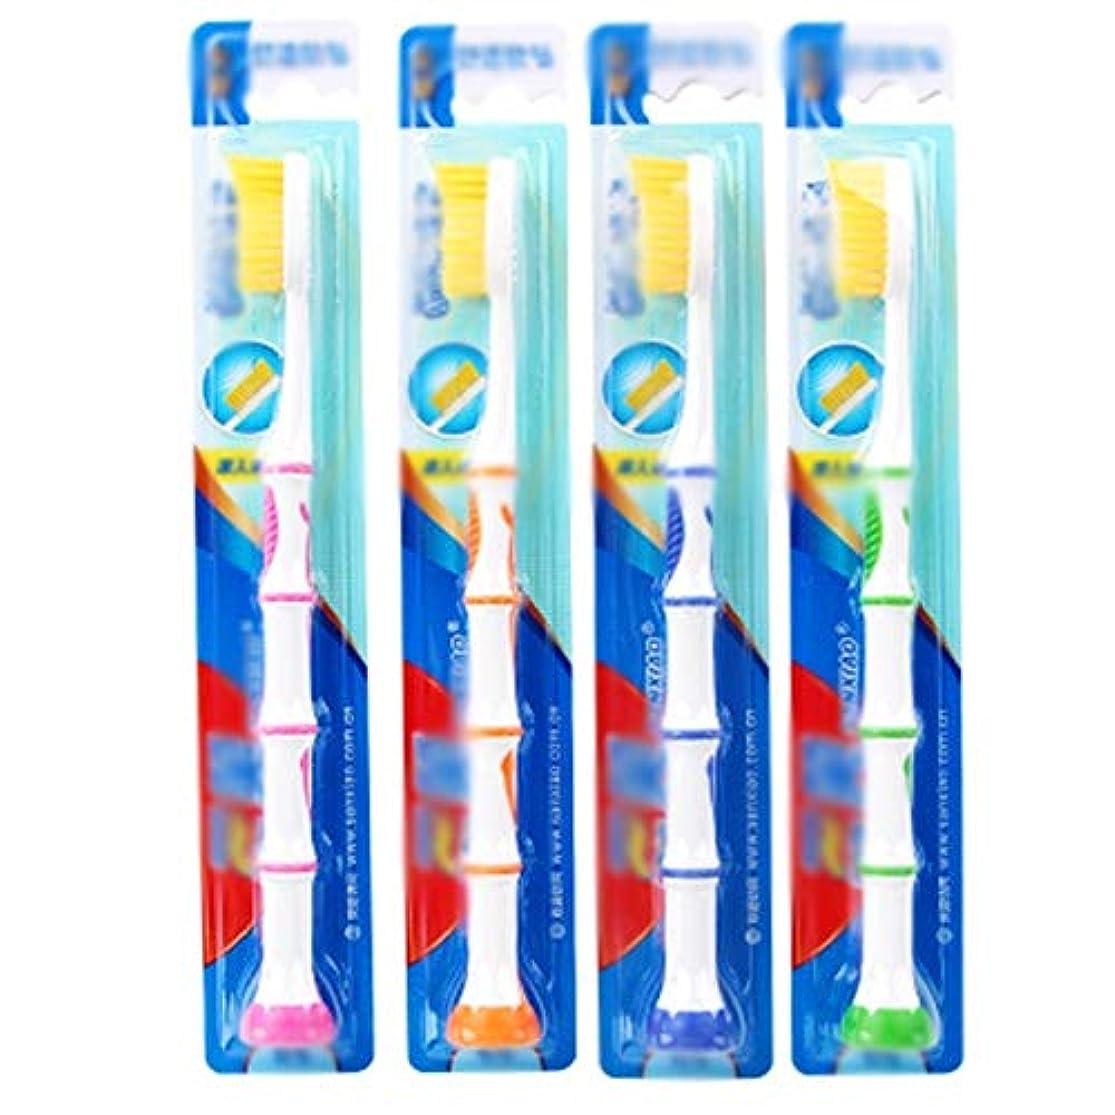 ランデブー夜の動物園潜水艦歯ブラシ 30歯ブラシ、快適な柔らかい歯ブラシ、大人歯ブラシ - 使用可能なスタイルの2種類 HL (色 : A, サイズ : 30 packs)